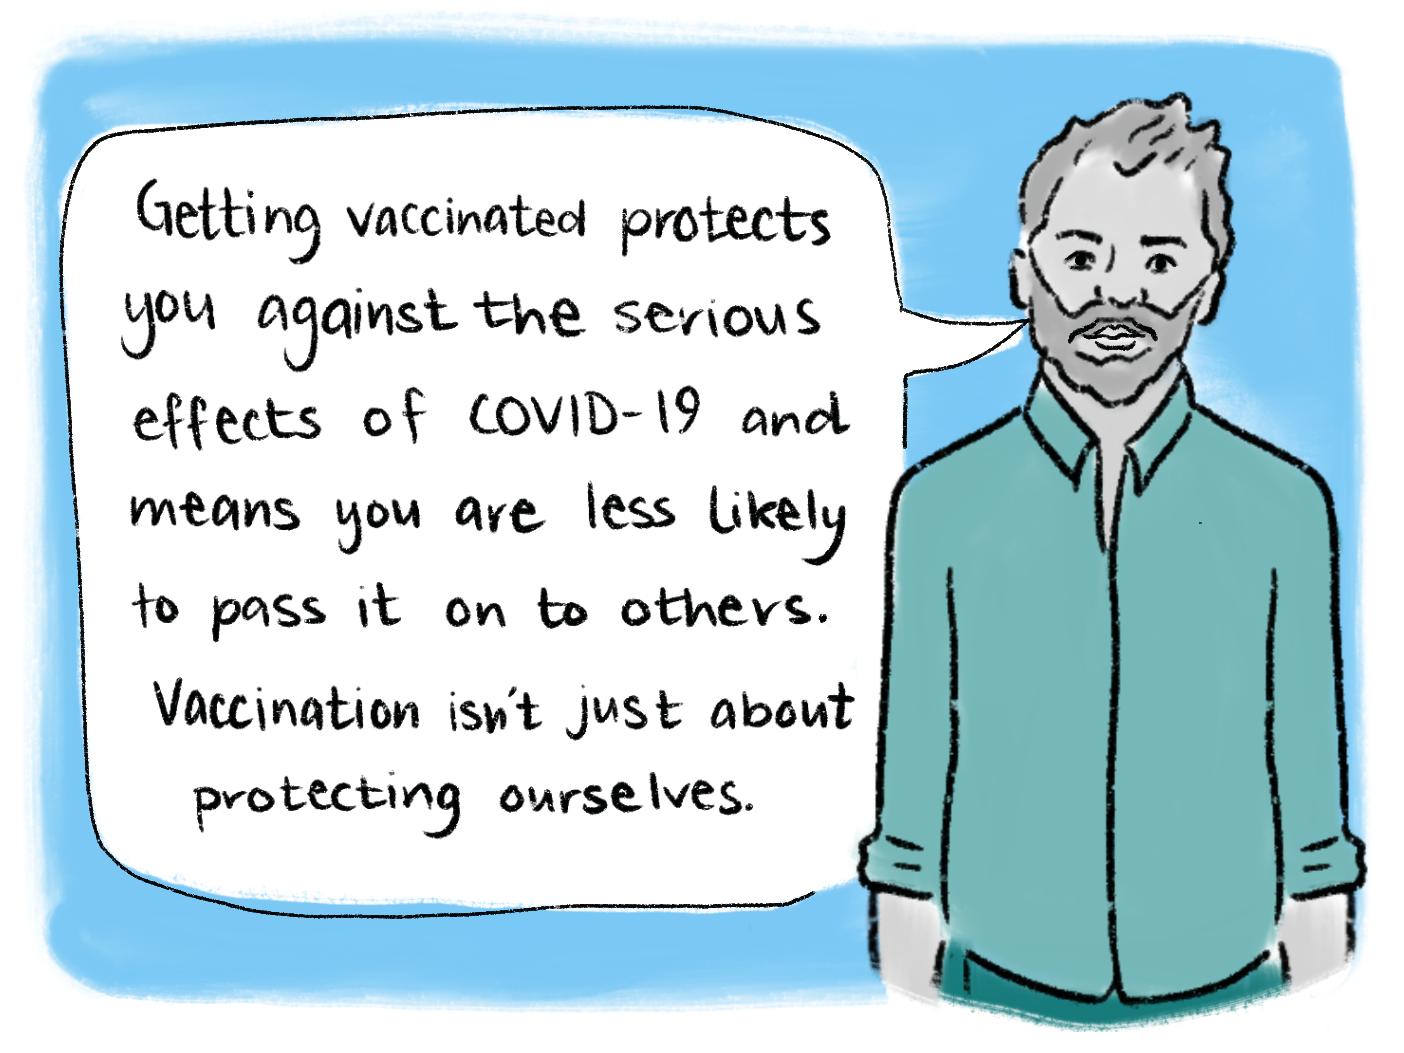 Vaccination comic scene 19. Read the transcript below.